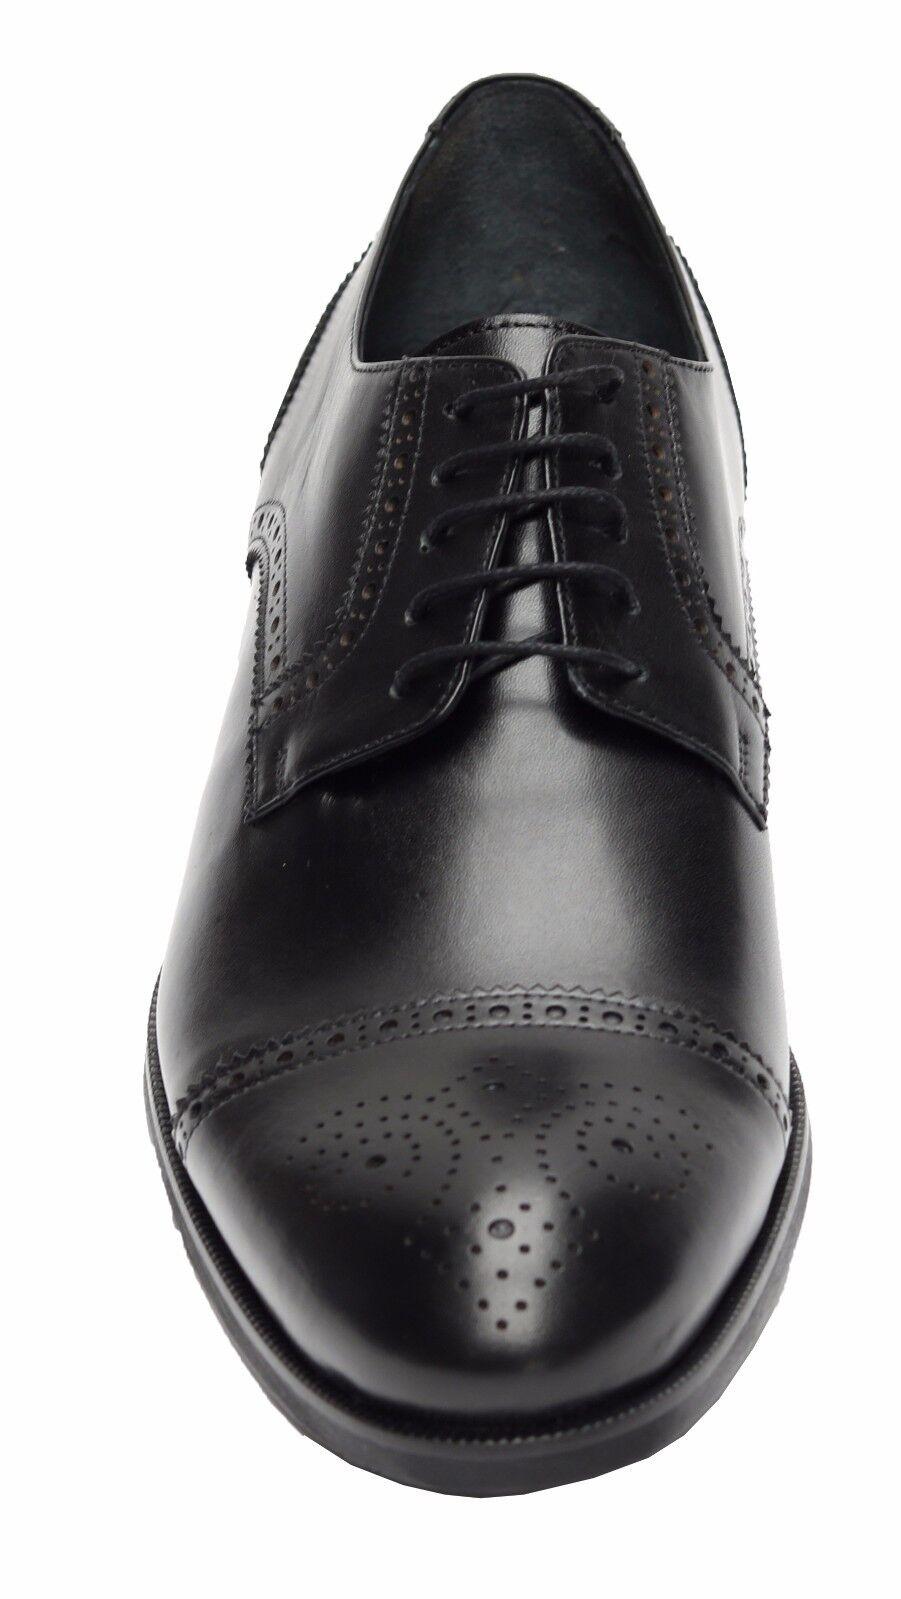 Billig gute gute gute Qualität Echtleder Herren Schuhe Gr.44 Schwarz 42ea63